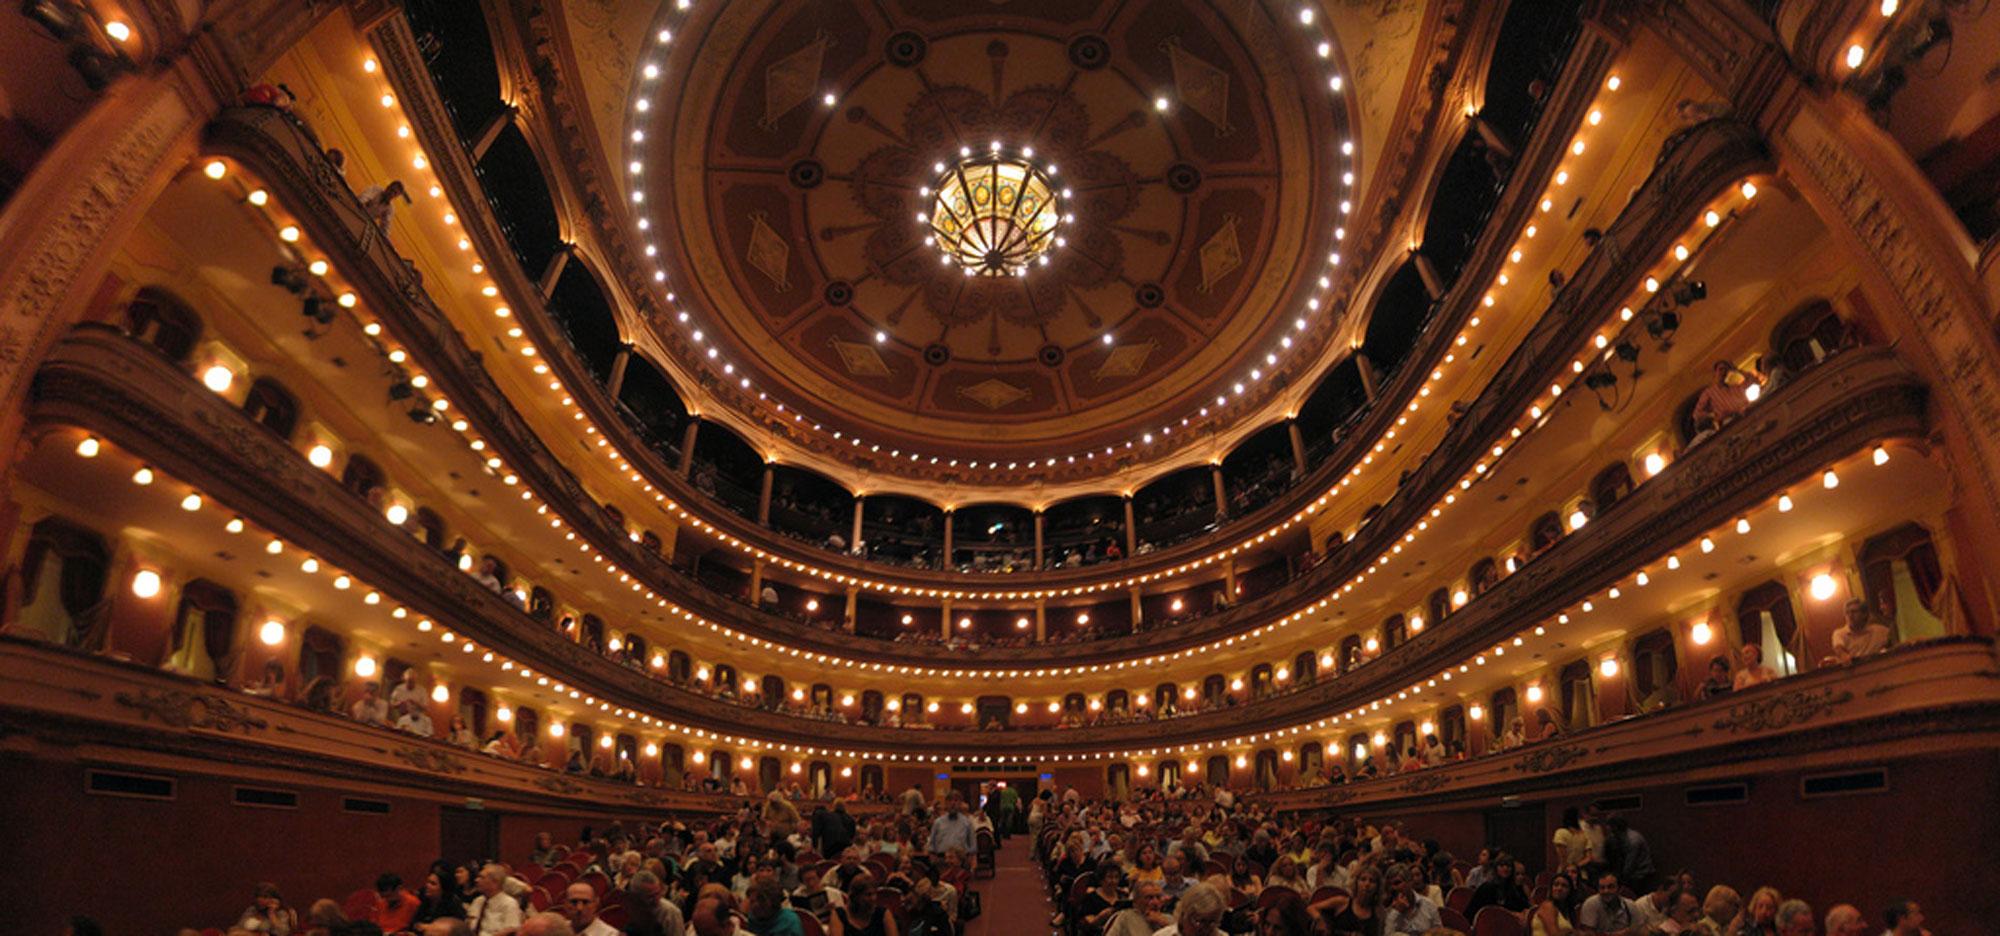 Photo : « Teatro Avenida de Buenos Aires, 09/03/2008 » CC BY-NC-SA 2.0 Sfer